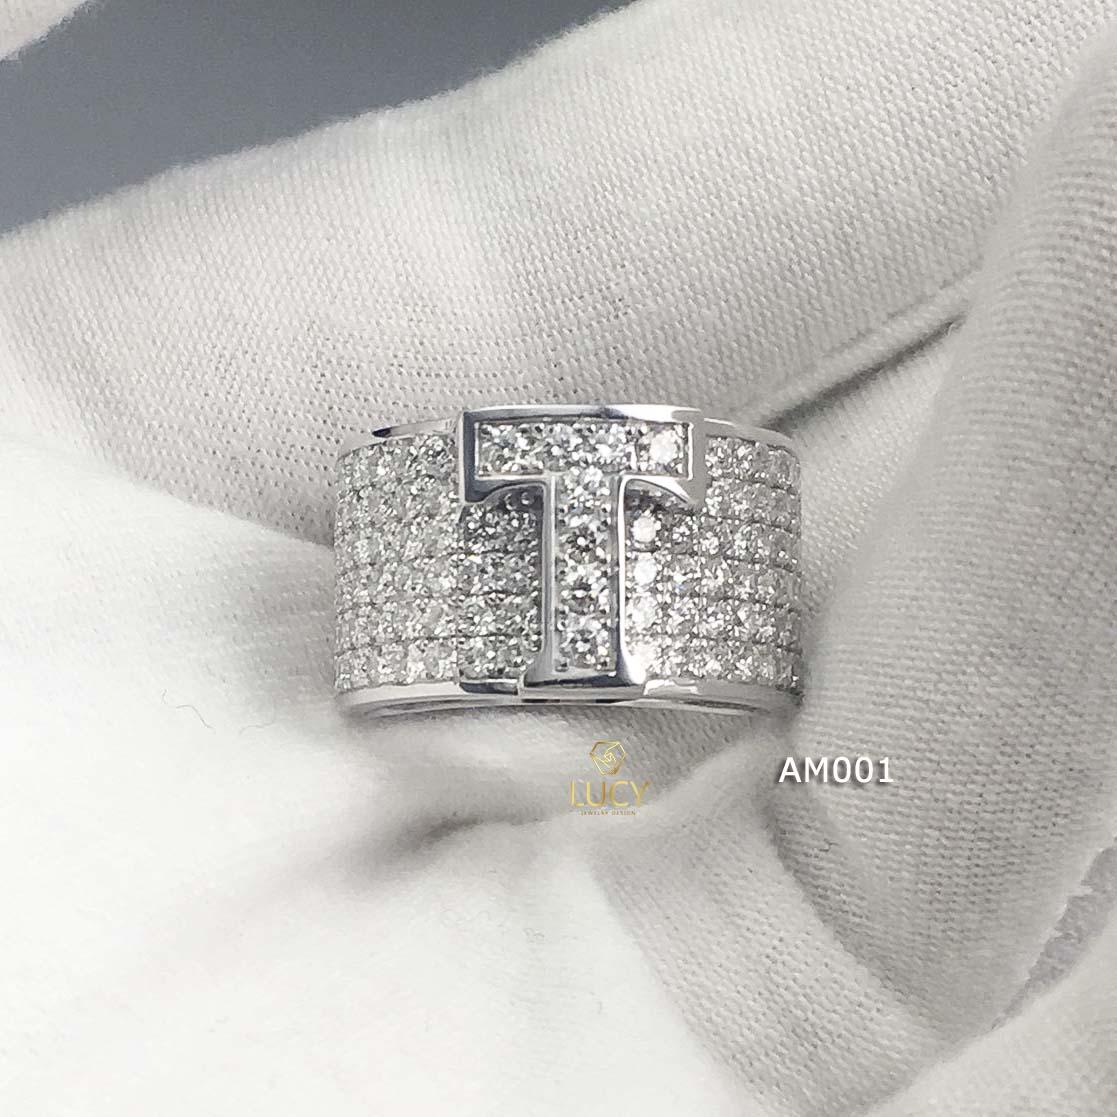 AM001 Nhẫn vàng nam hàng thiết kế LUCY JEWELRY